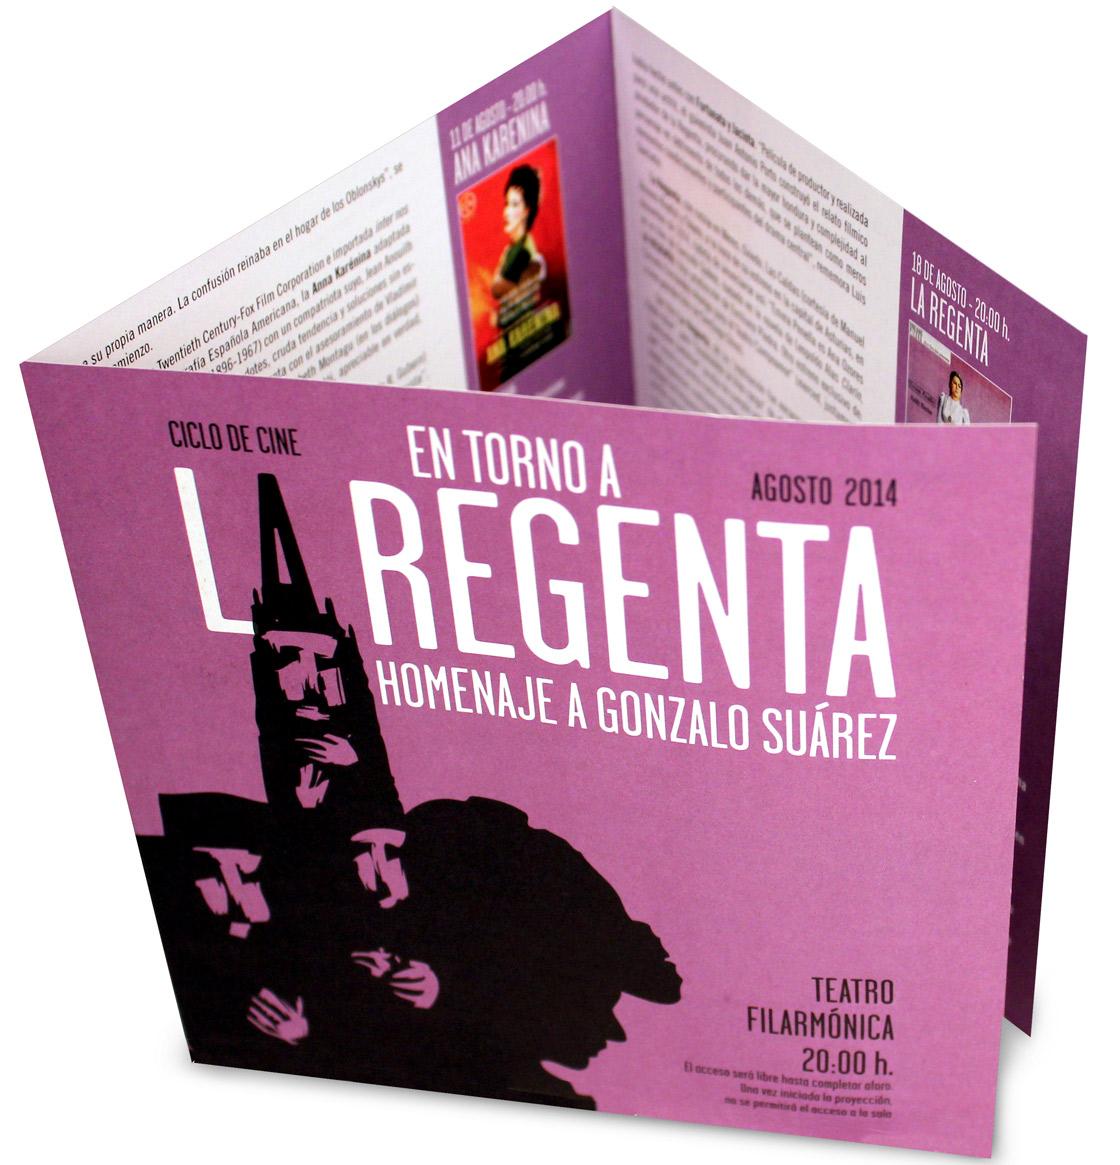 regenta-folleto